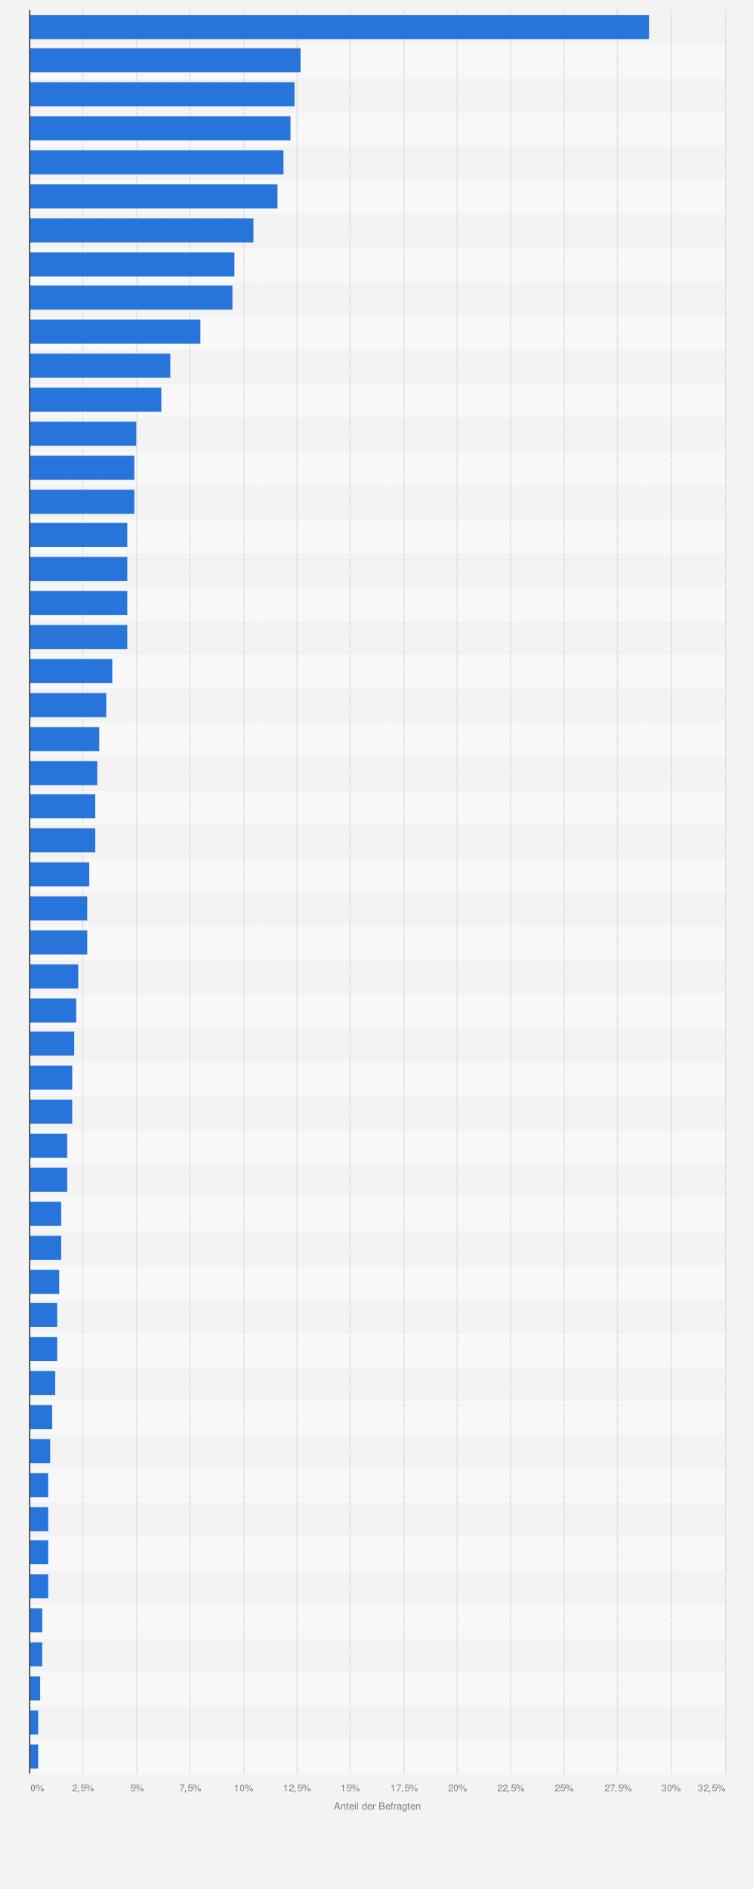 bedb873d29b7a9 Beliebteste Schuhmarken (Kauf in den letzten 2 Jahren) in Deutschland im  Jahr 2013